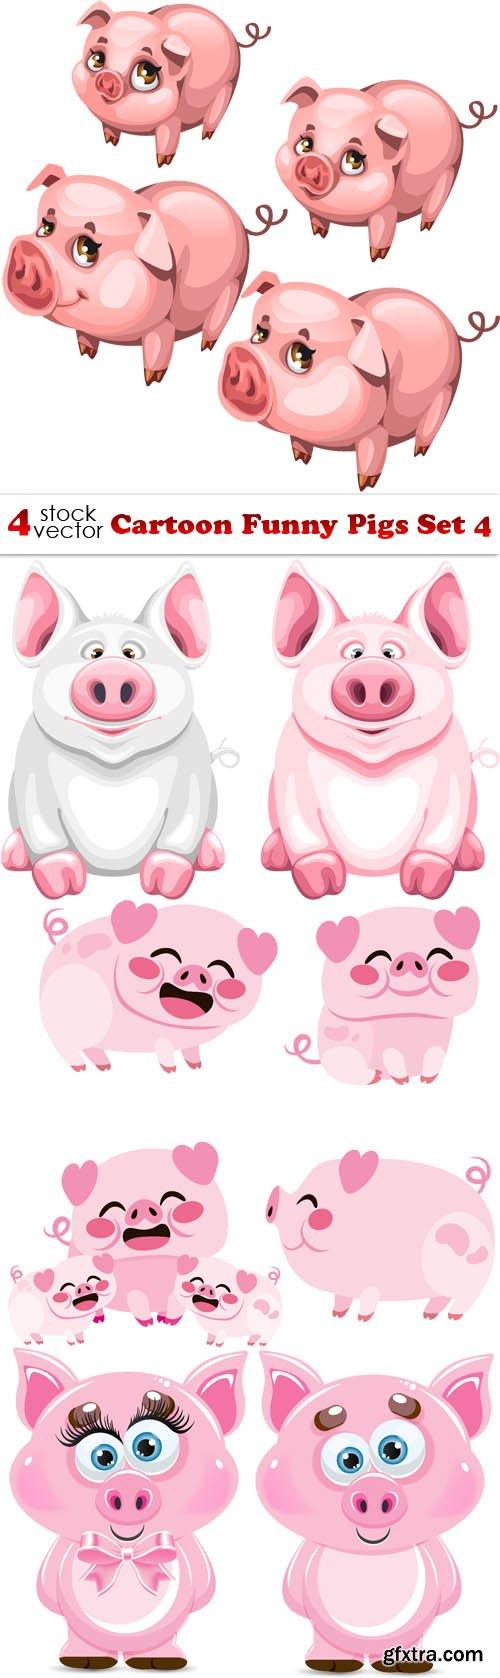 Vectors - Cartoon Funny Pigs Set 4